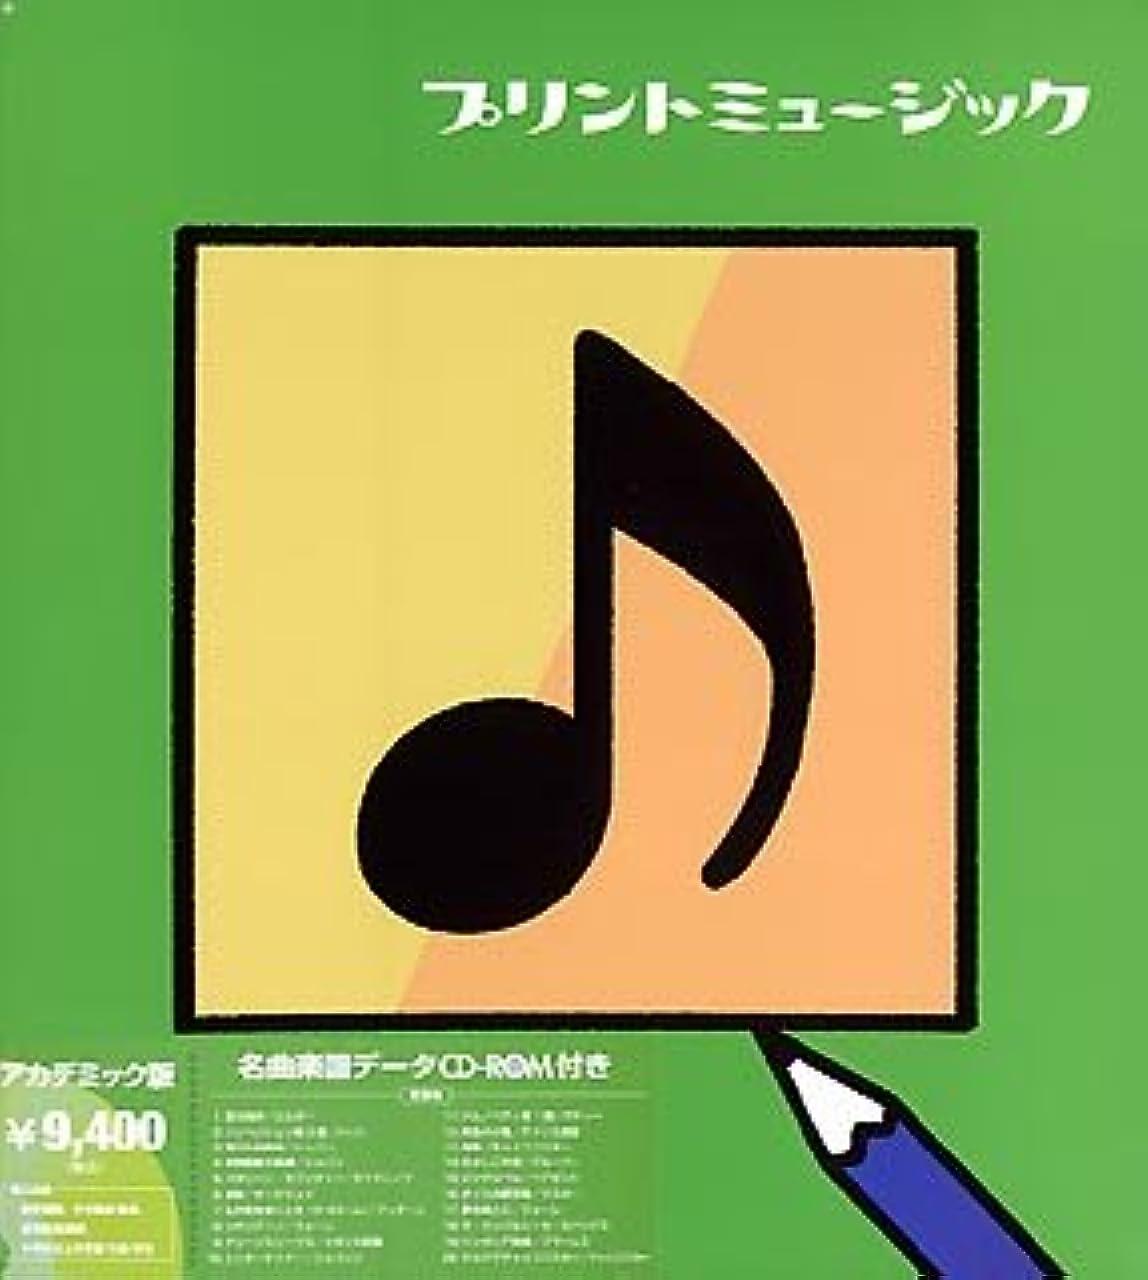 クーポン仲介者居住者PrintMusic! 2004 日本語版 アカデミック キャンペーン版